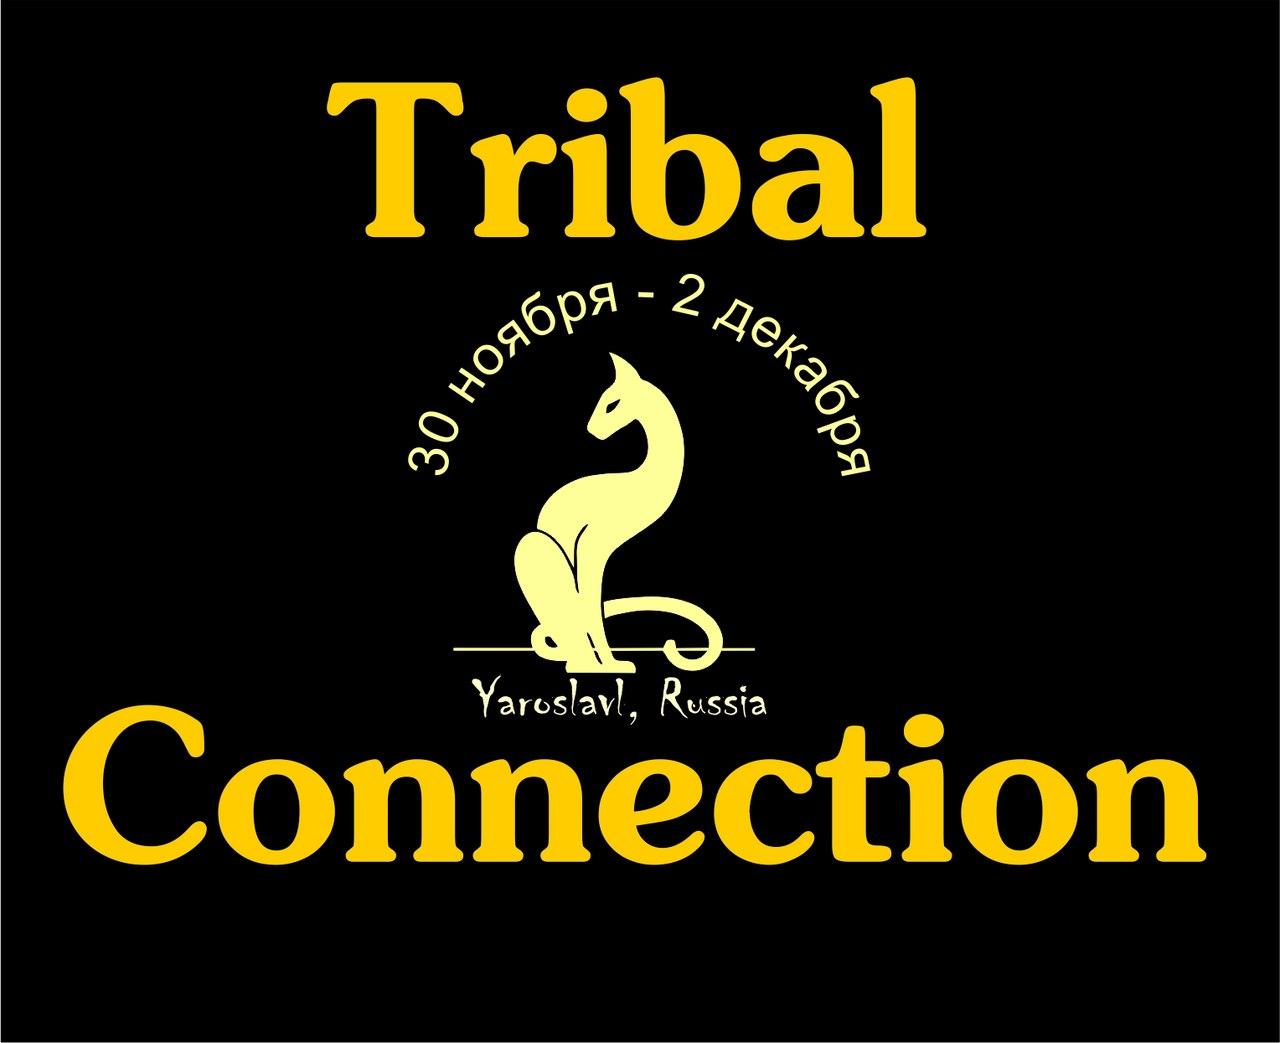 Афиша Ярославль Фестиваль Tribal Connection в Ярославле !!!